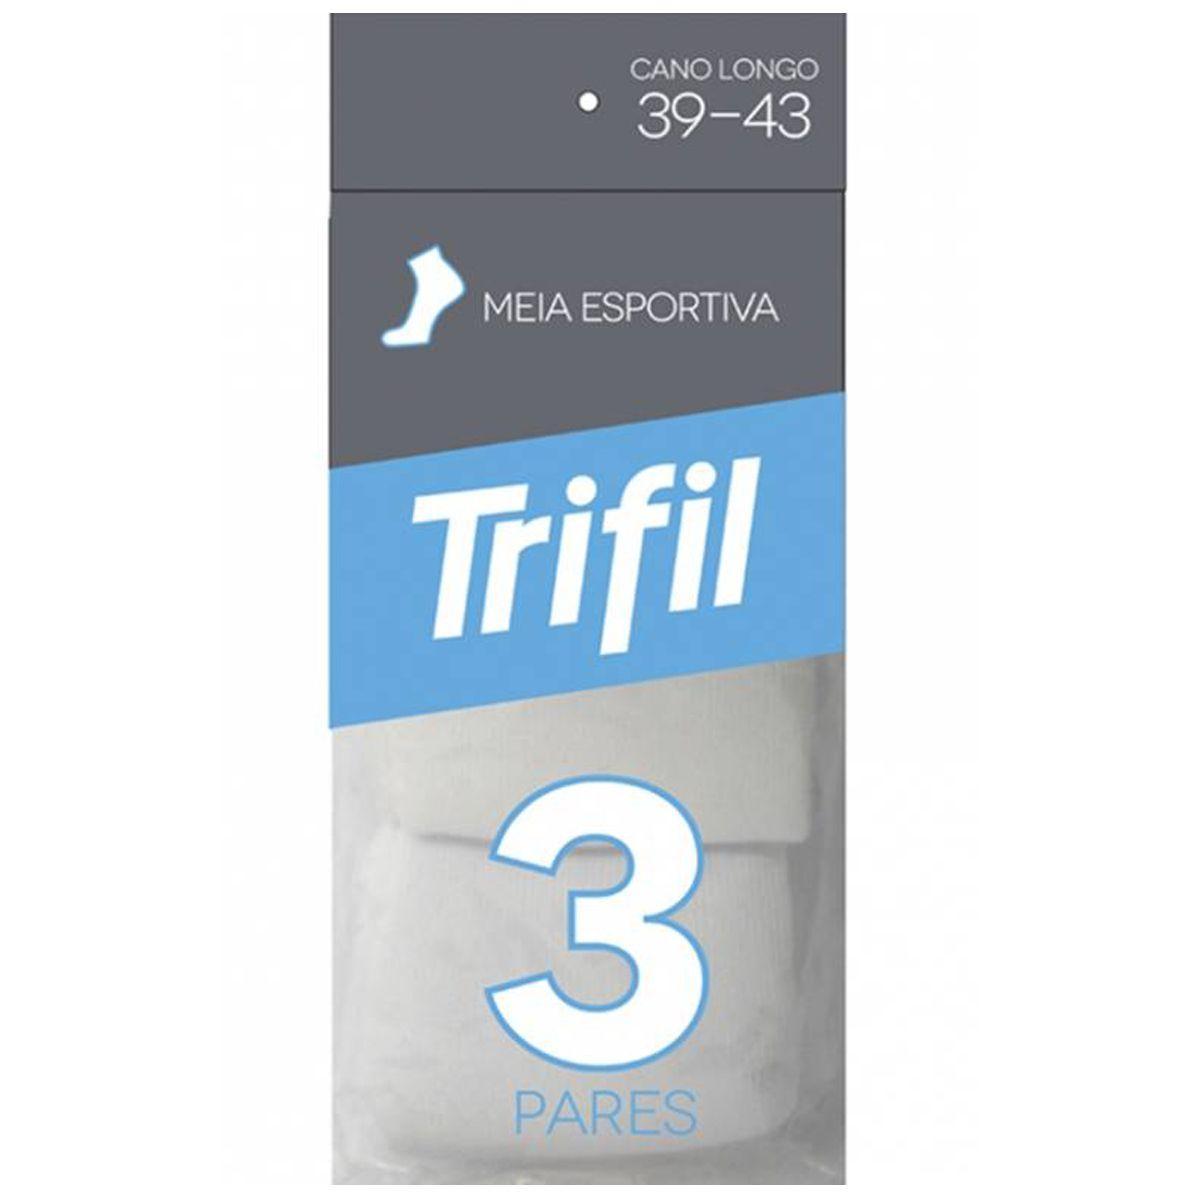 Kit c/ 3 Pares de Meias Esportiva Cano Curto Trifil - T08721